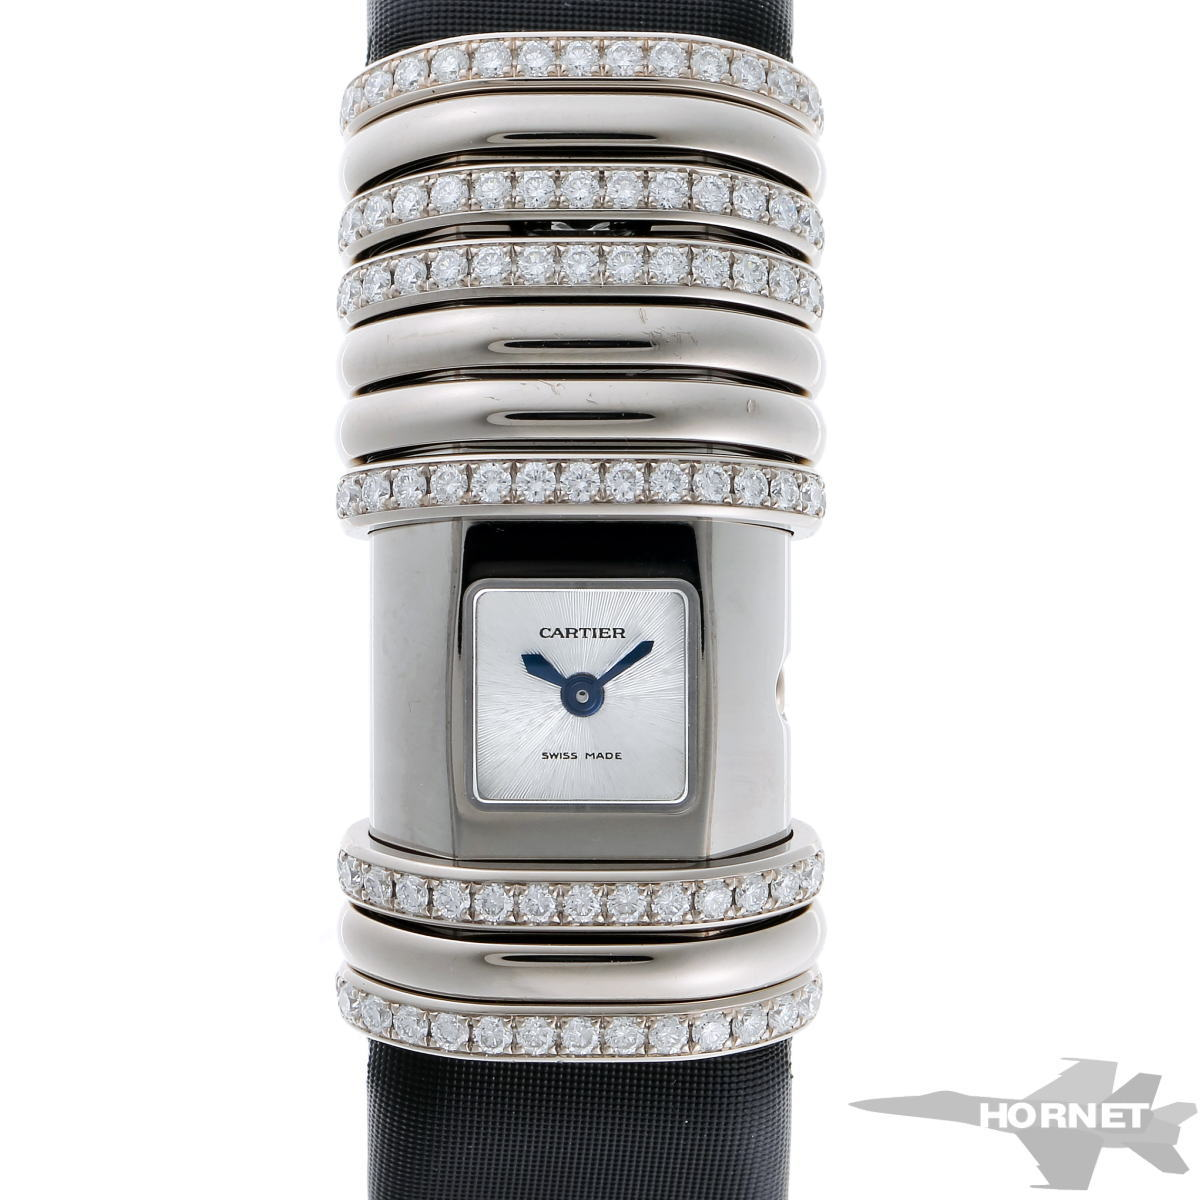 Cartier カルティエ デクラレーション ダイヤモンド クォーツ WT000450 シルバー文字盤 750WG / TI 【中古】【時計】 1910314